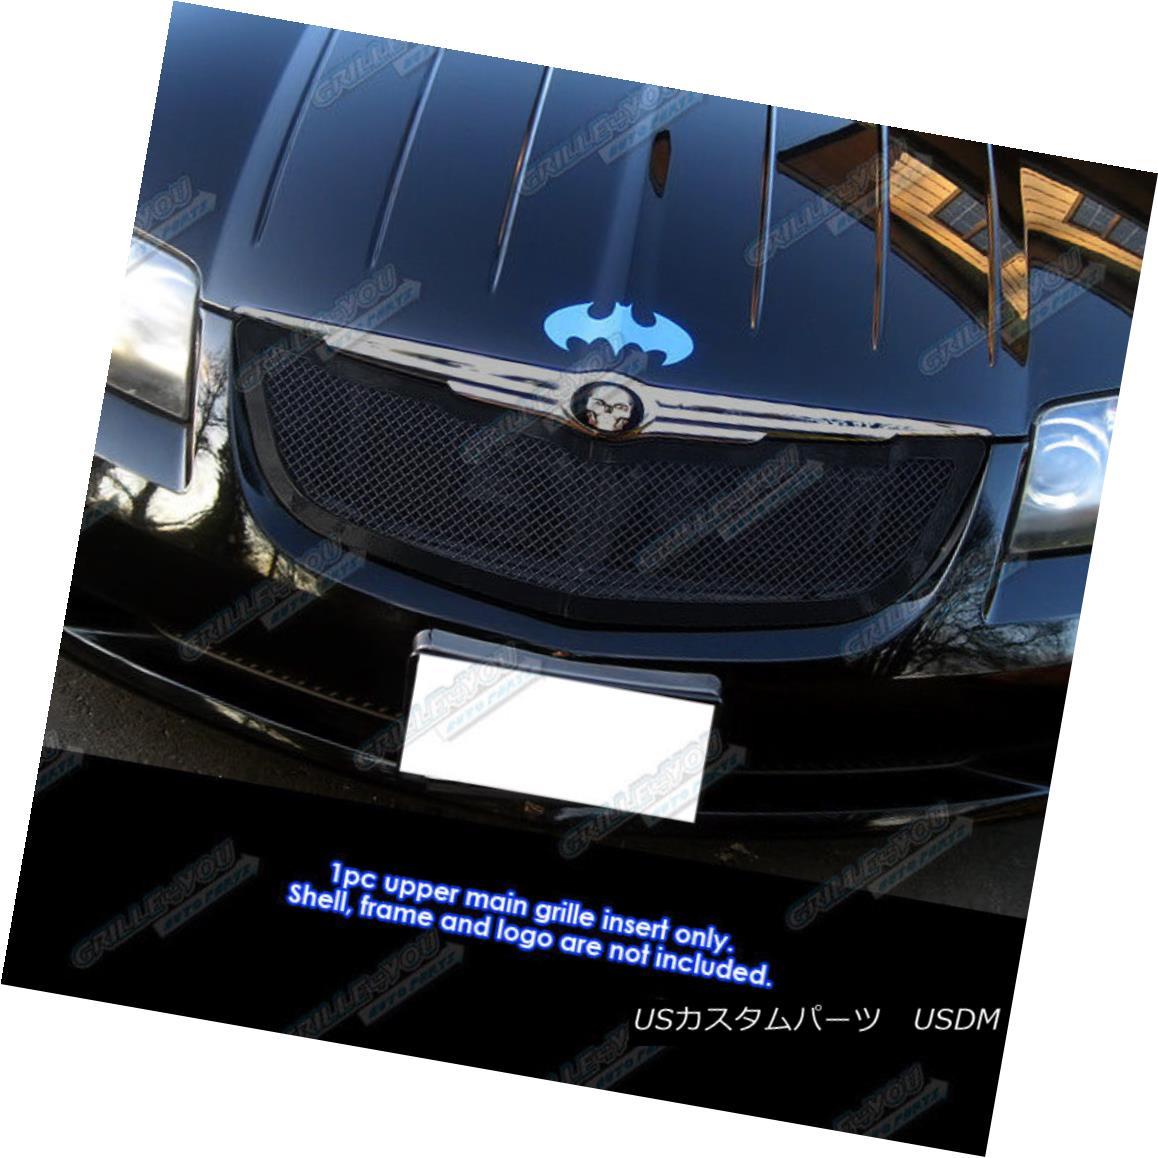 グリル Fits 04-08 Chrysler Crossfire Black Stainless Mesh Grille フィット04-08クライスラークロスファイアブラックステンレスメッシュグリル